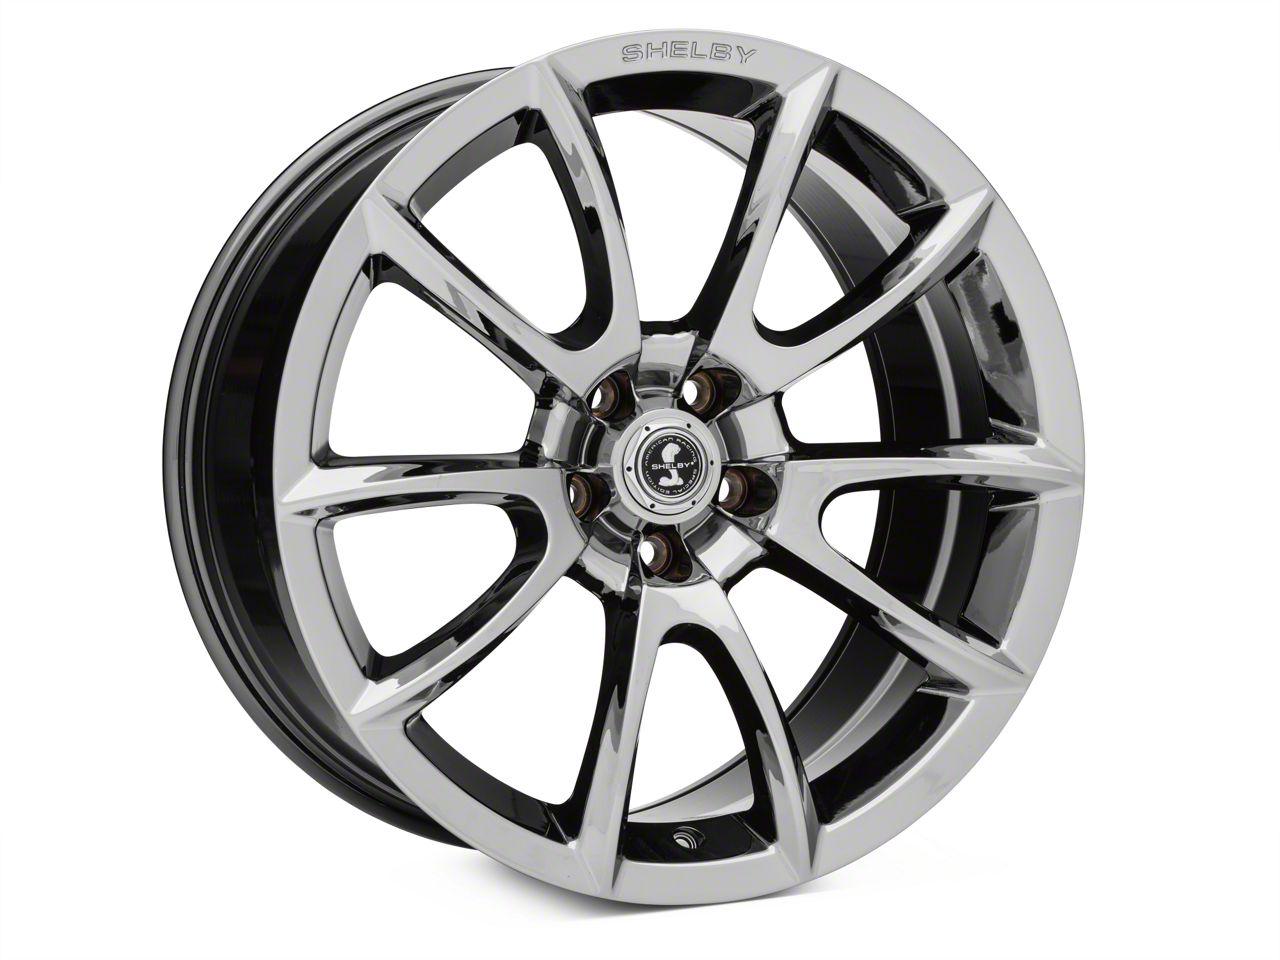 Super Snake Style Chrome Wheel - 20x10 (05-14 All; 15-19 GT, EcoBoost, V6)